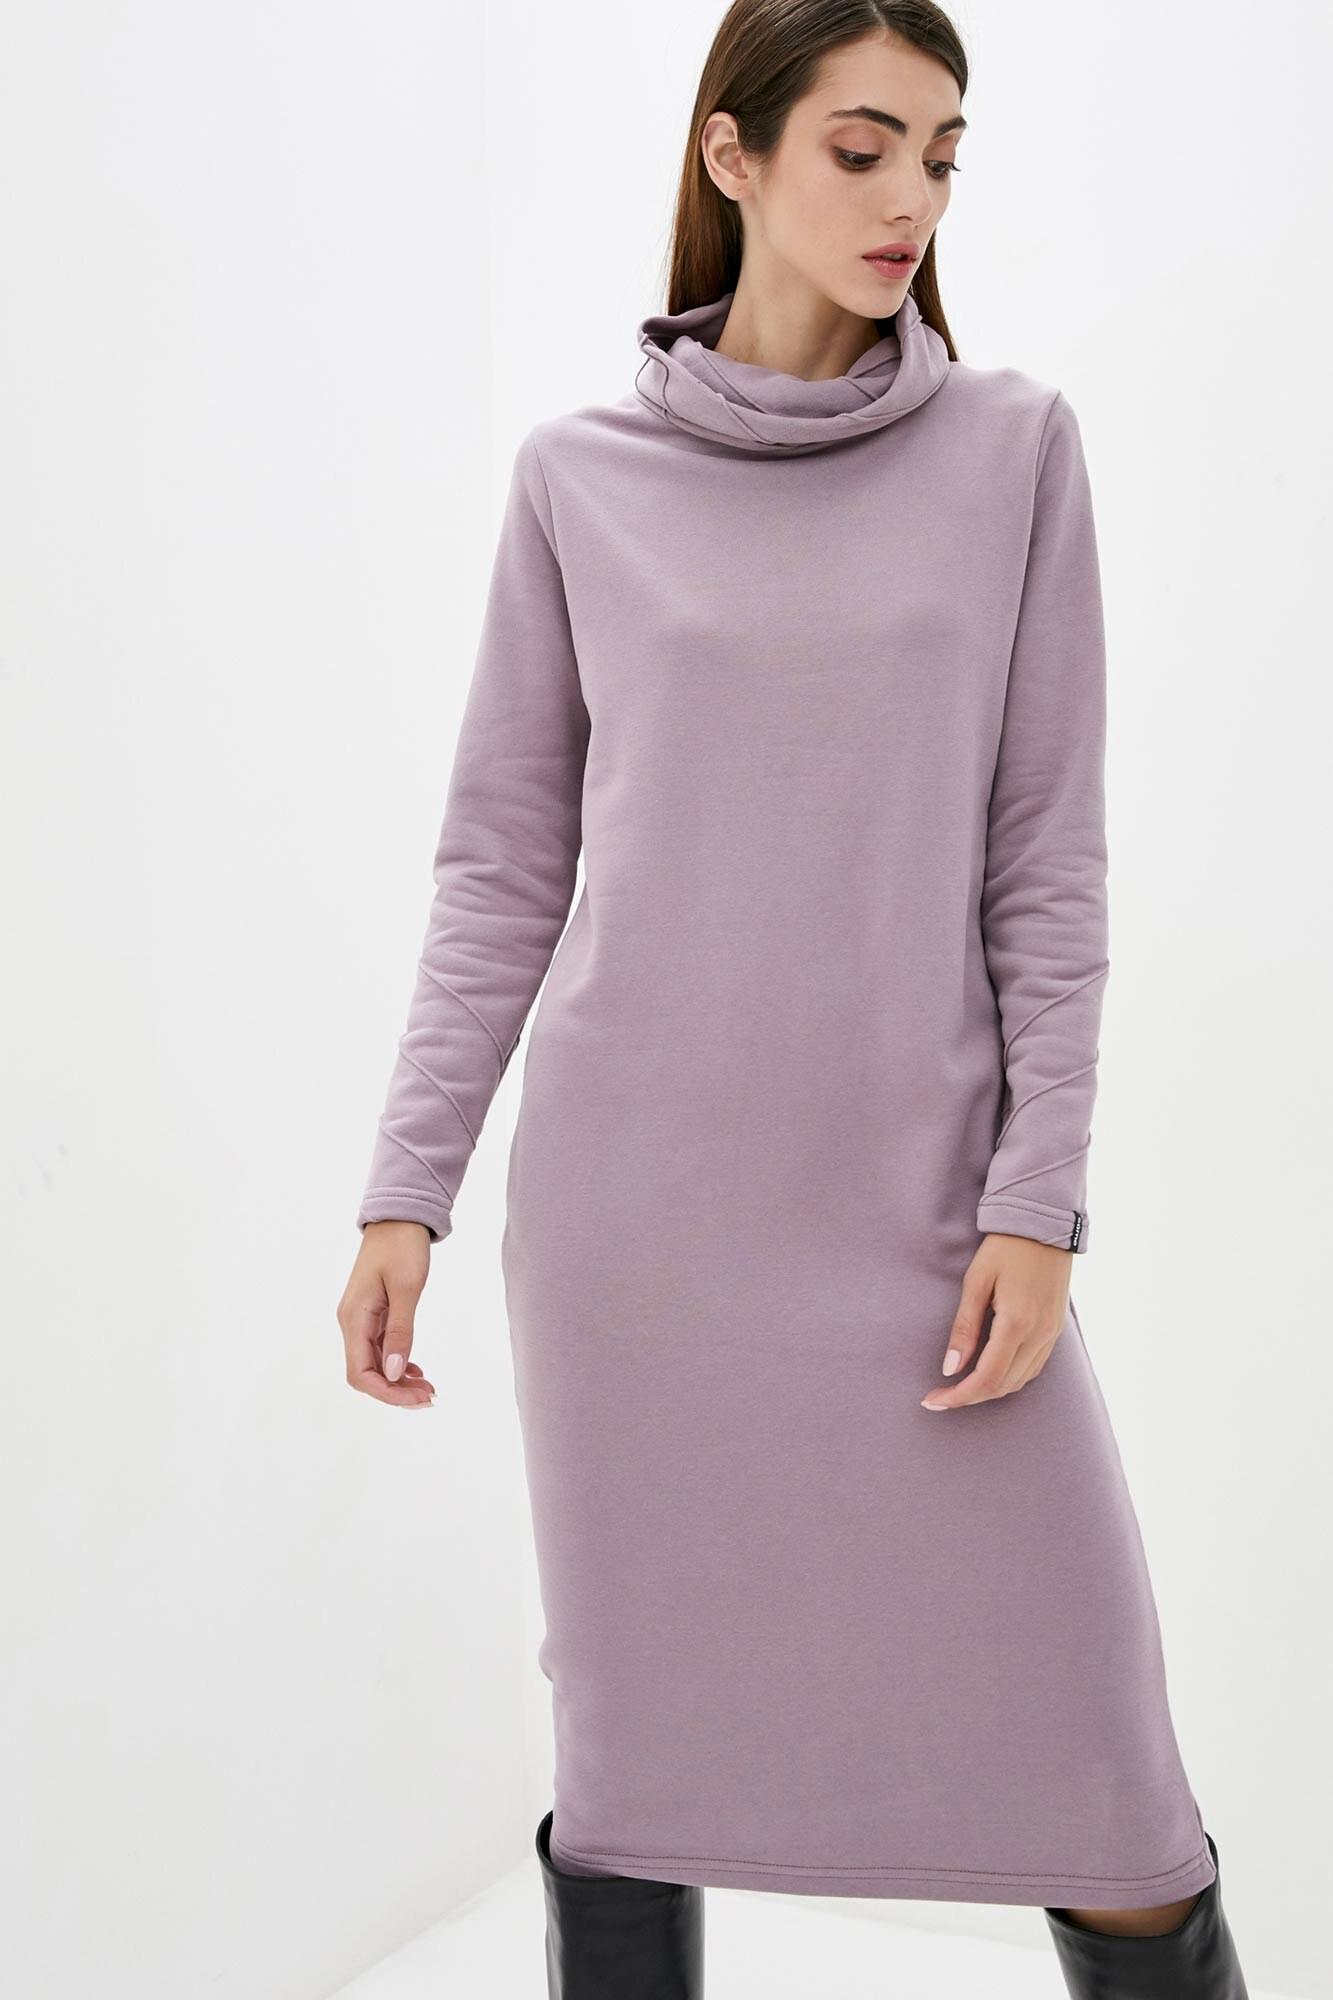 Трикотажное платье гольф цвета пудры длиной ниже колен